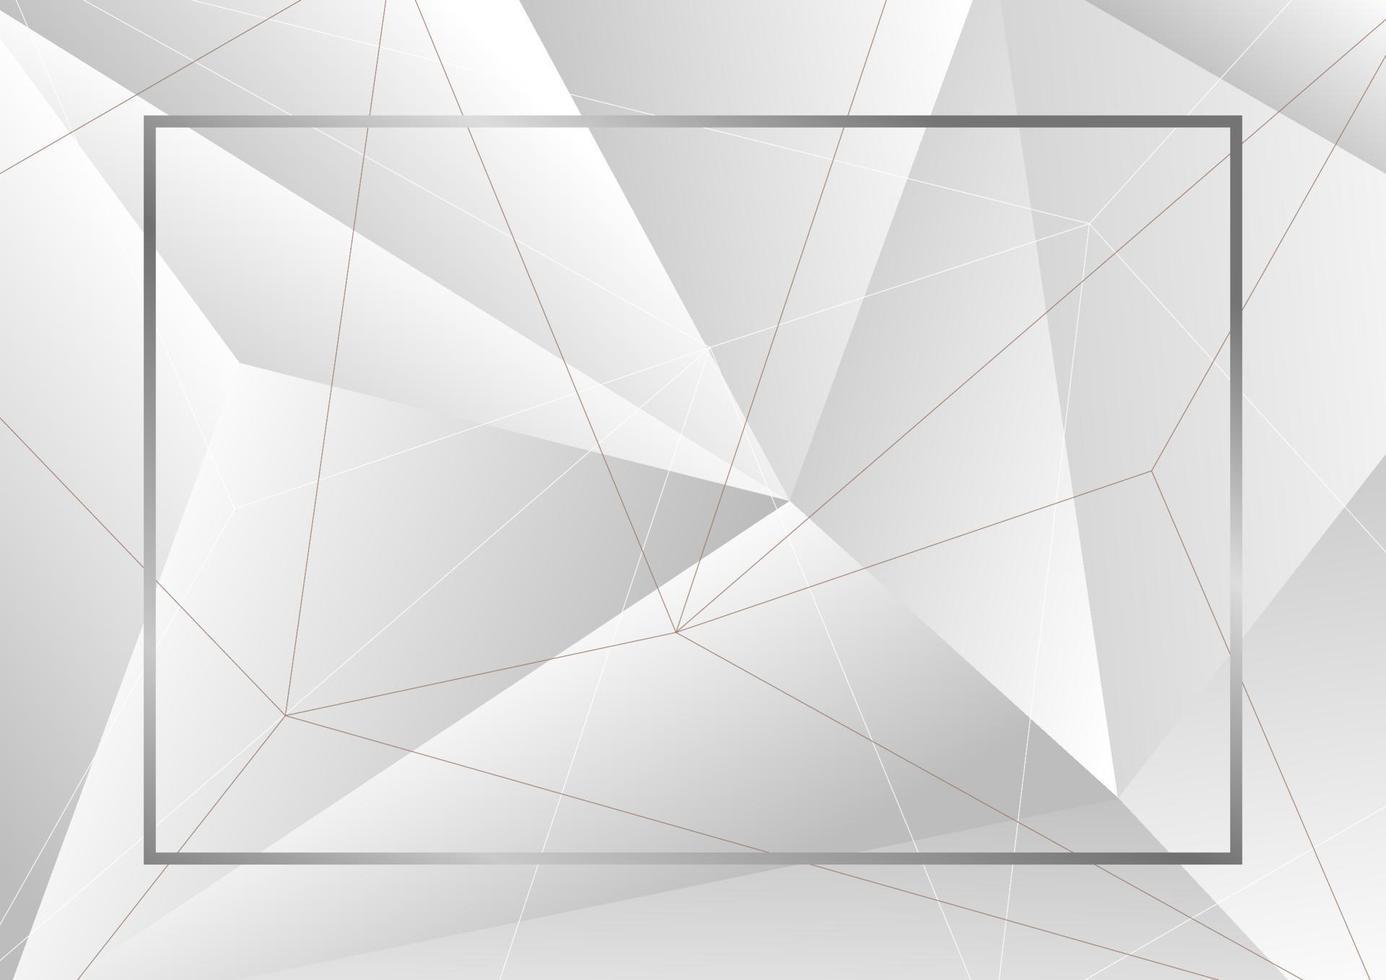 abstrait d & # 39; illustration vectorielle géométrique vecteur